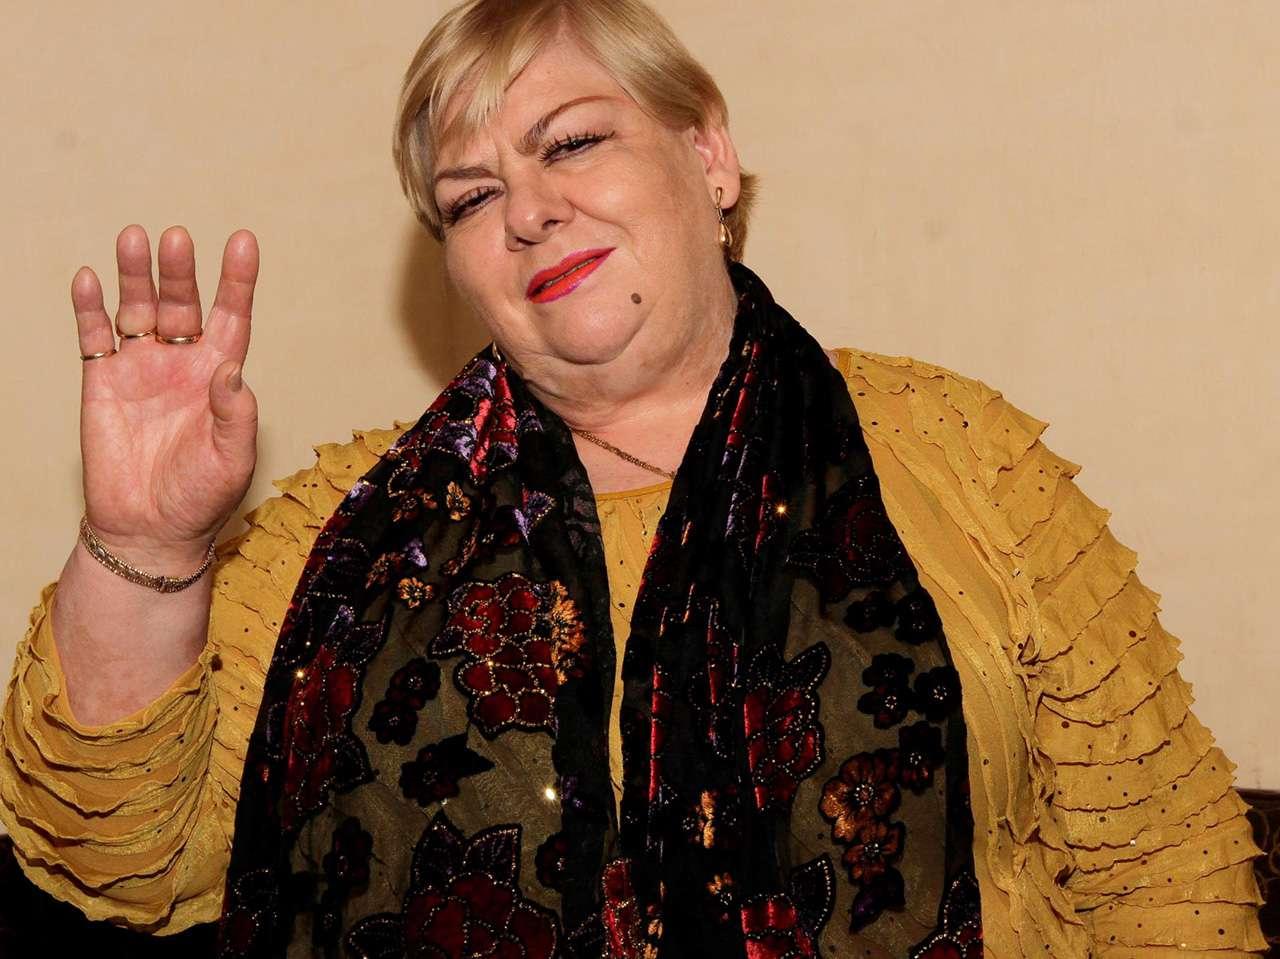 Paquita la del Barrio dijo que ella sin problema con cualquier persona, siempre y cuando le paguen Foto: Notimex